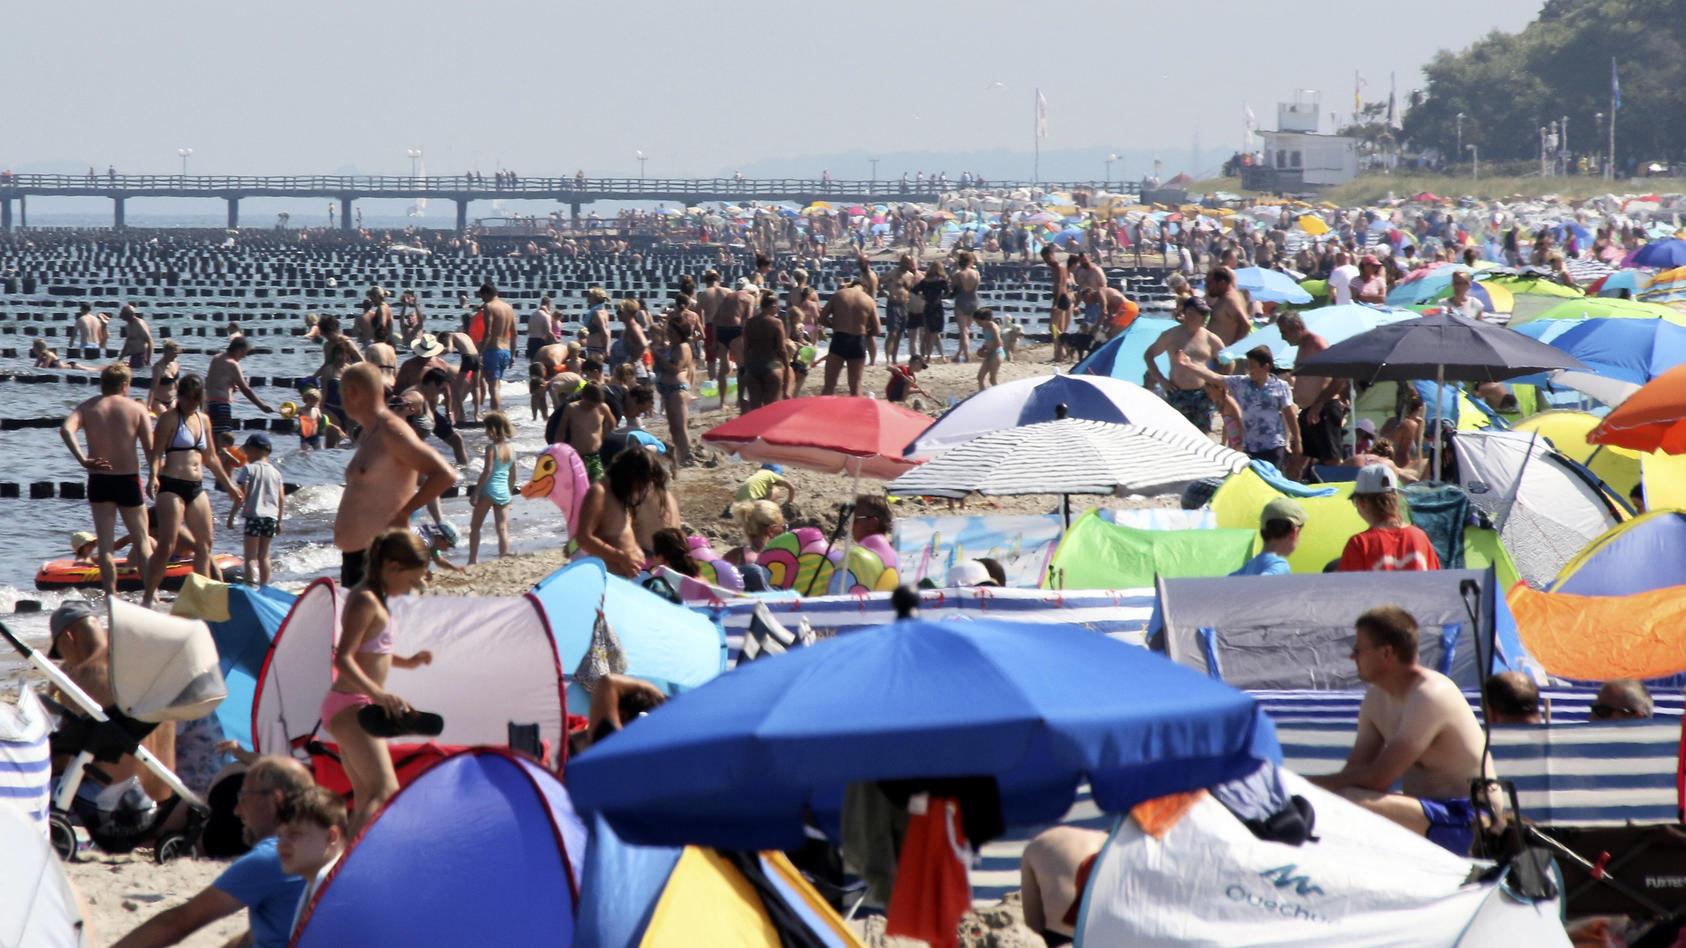 Ein voller Strand in Kuehlungsborn an der Ostsee: In der Hitze zieht es die Menschen ans Wasser.